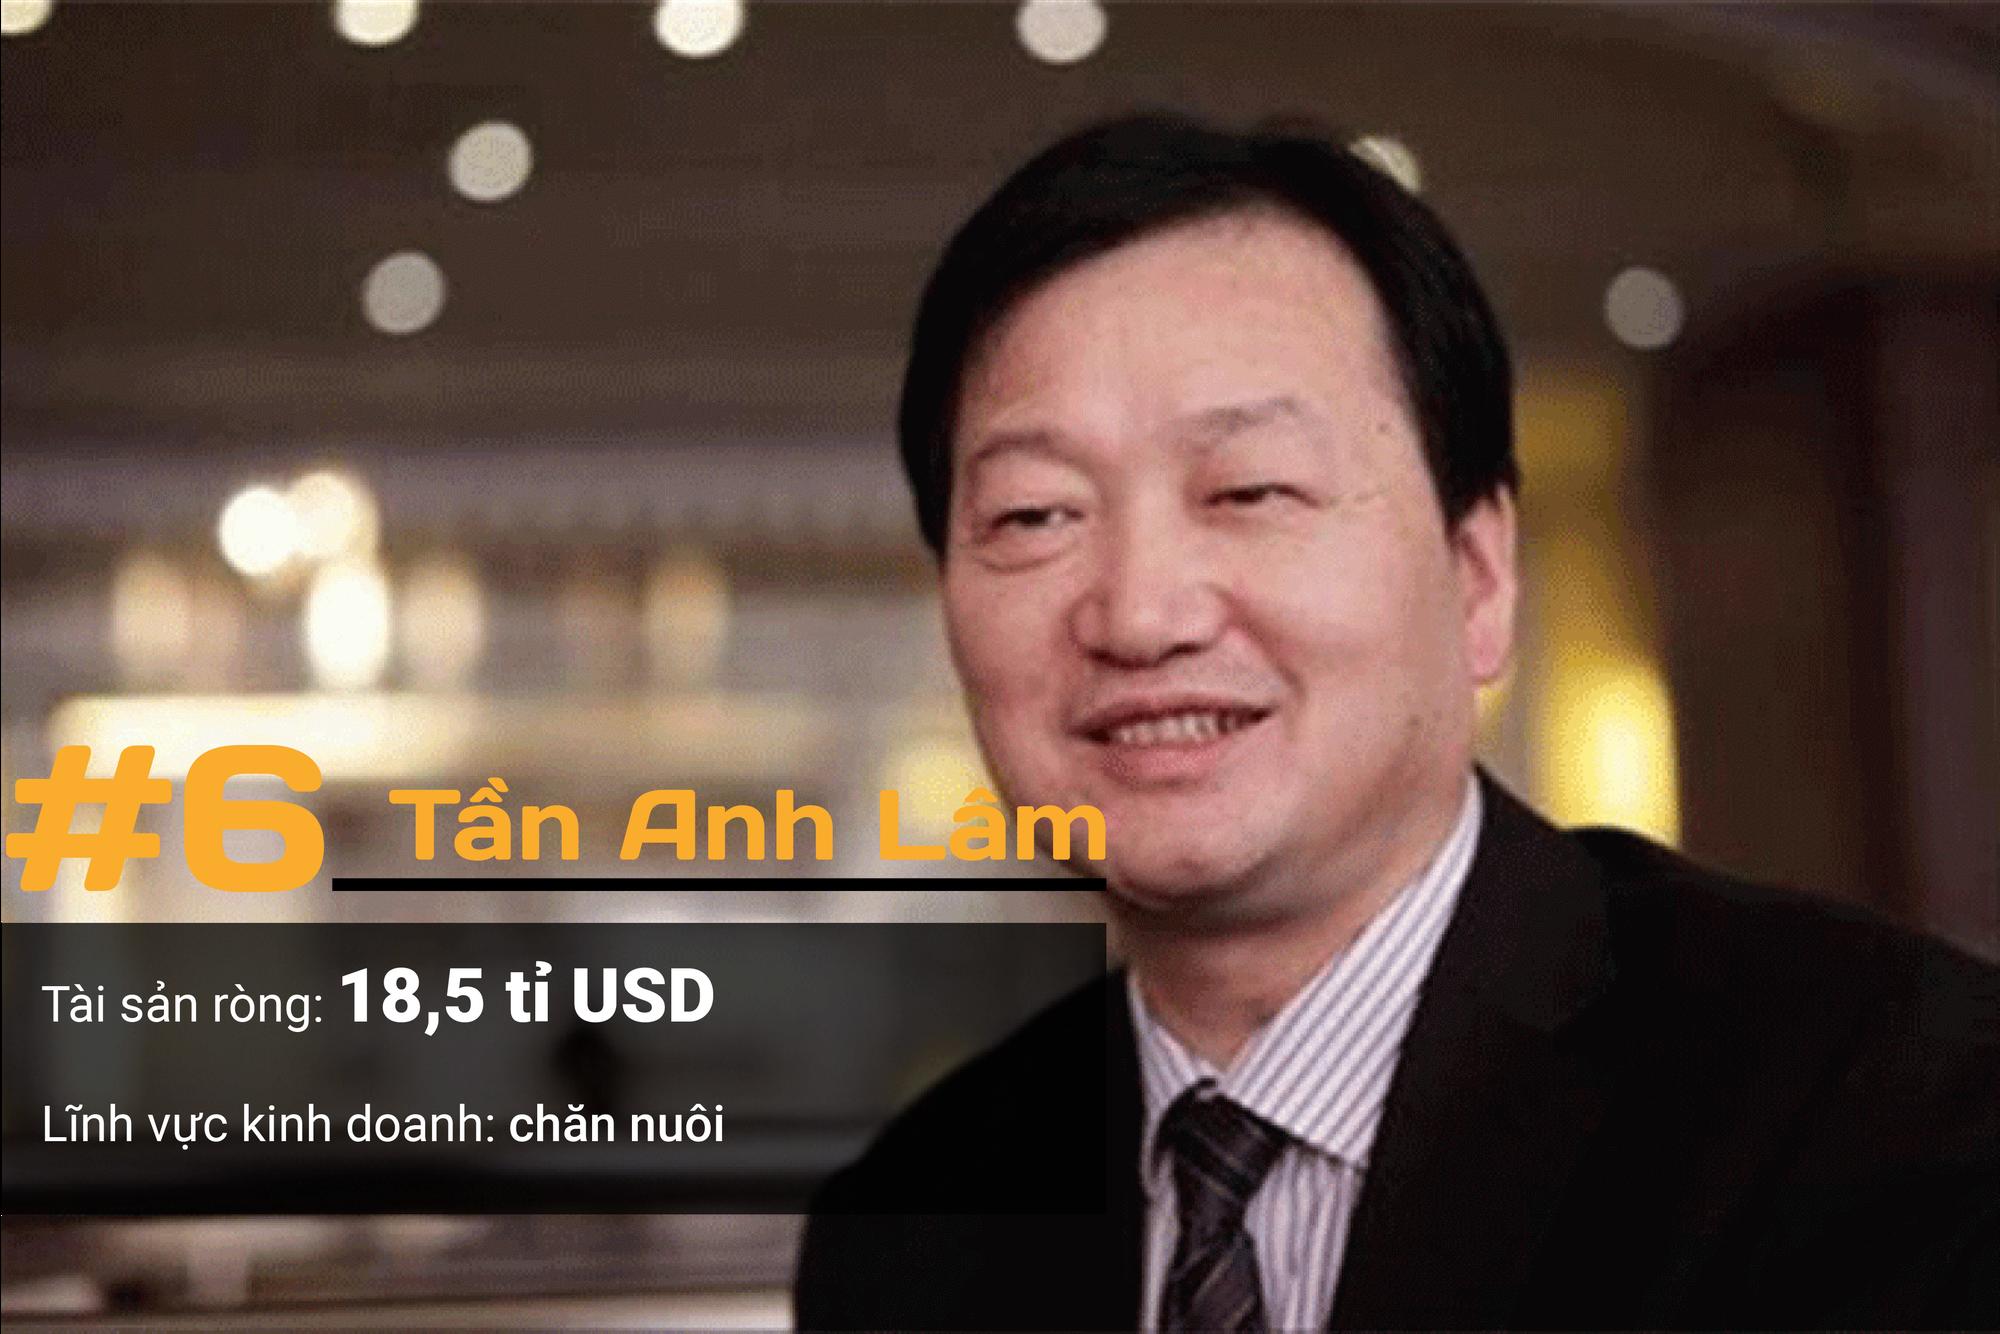 Jack Ma vẫn là người giàu nhất, Trung Quốc có tỉ phú nuôi heo - Ảnh 6.